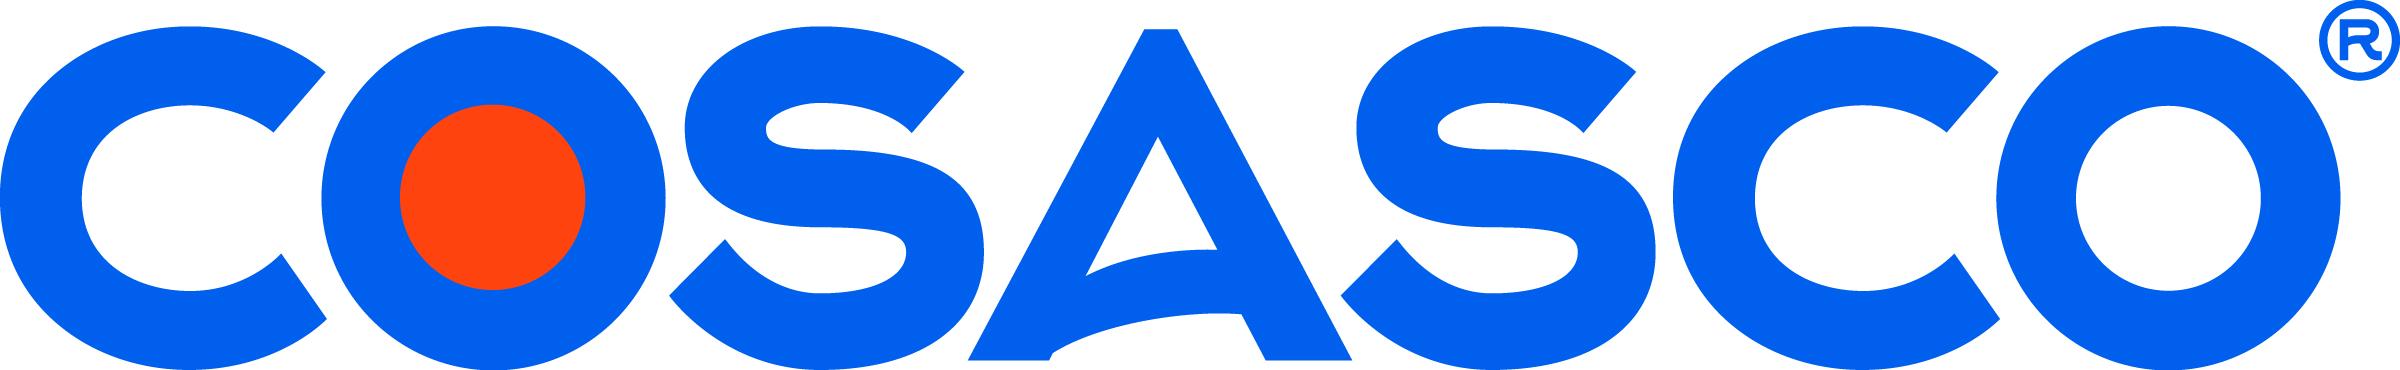 Cosasco Logo